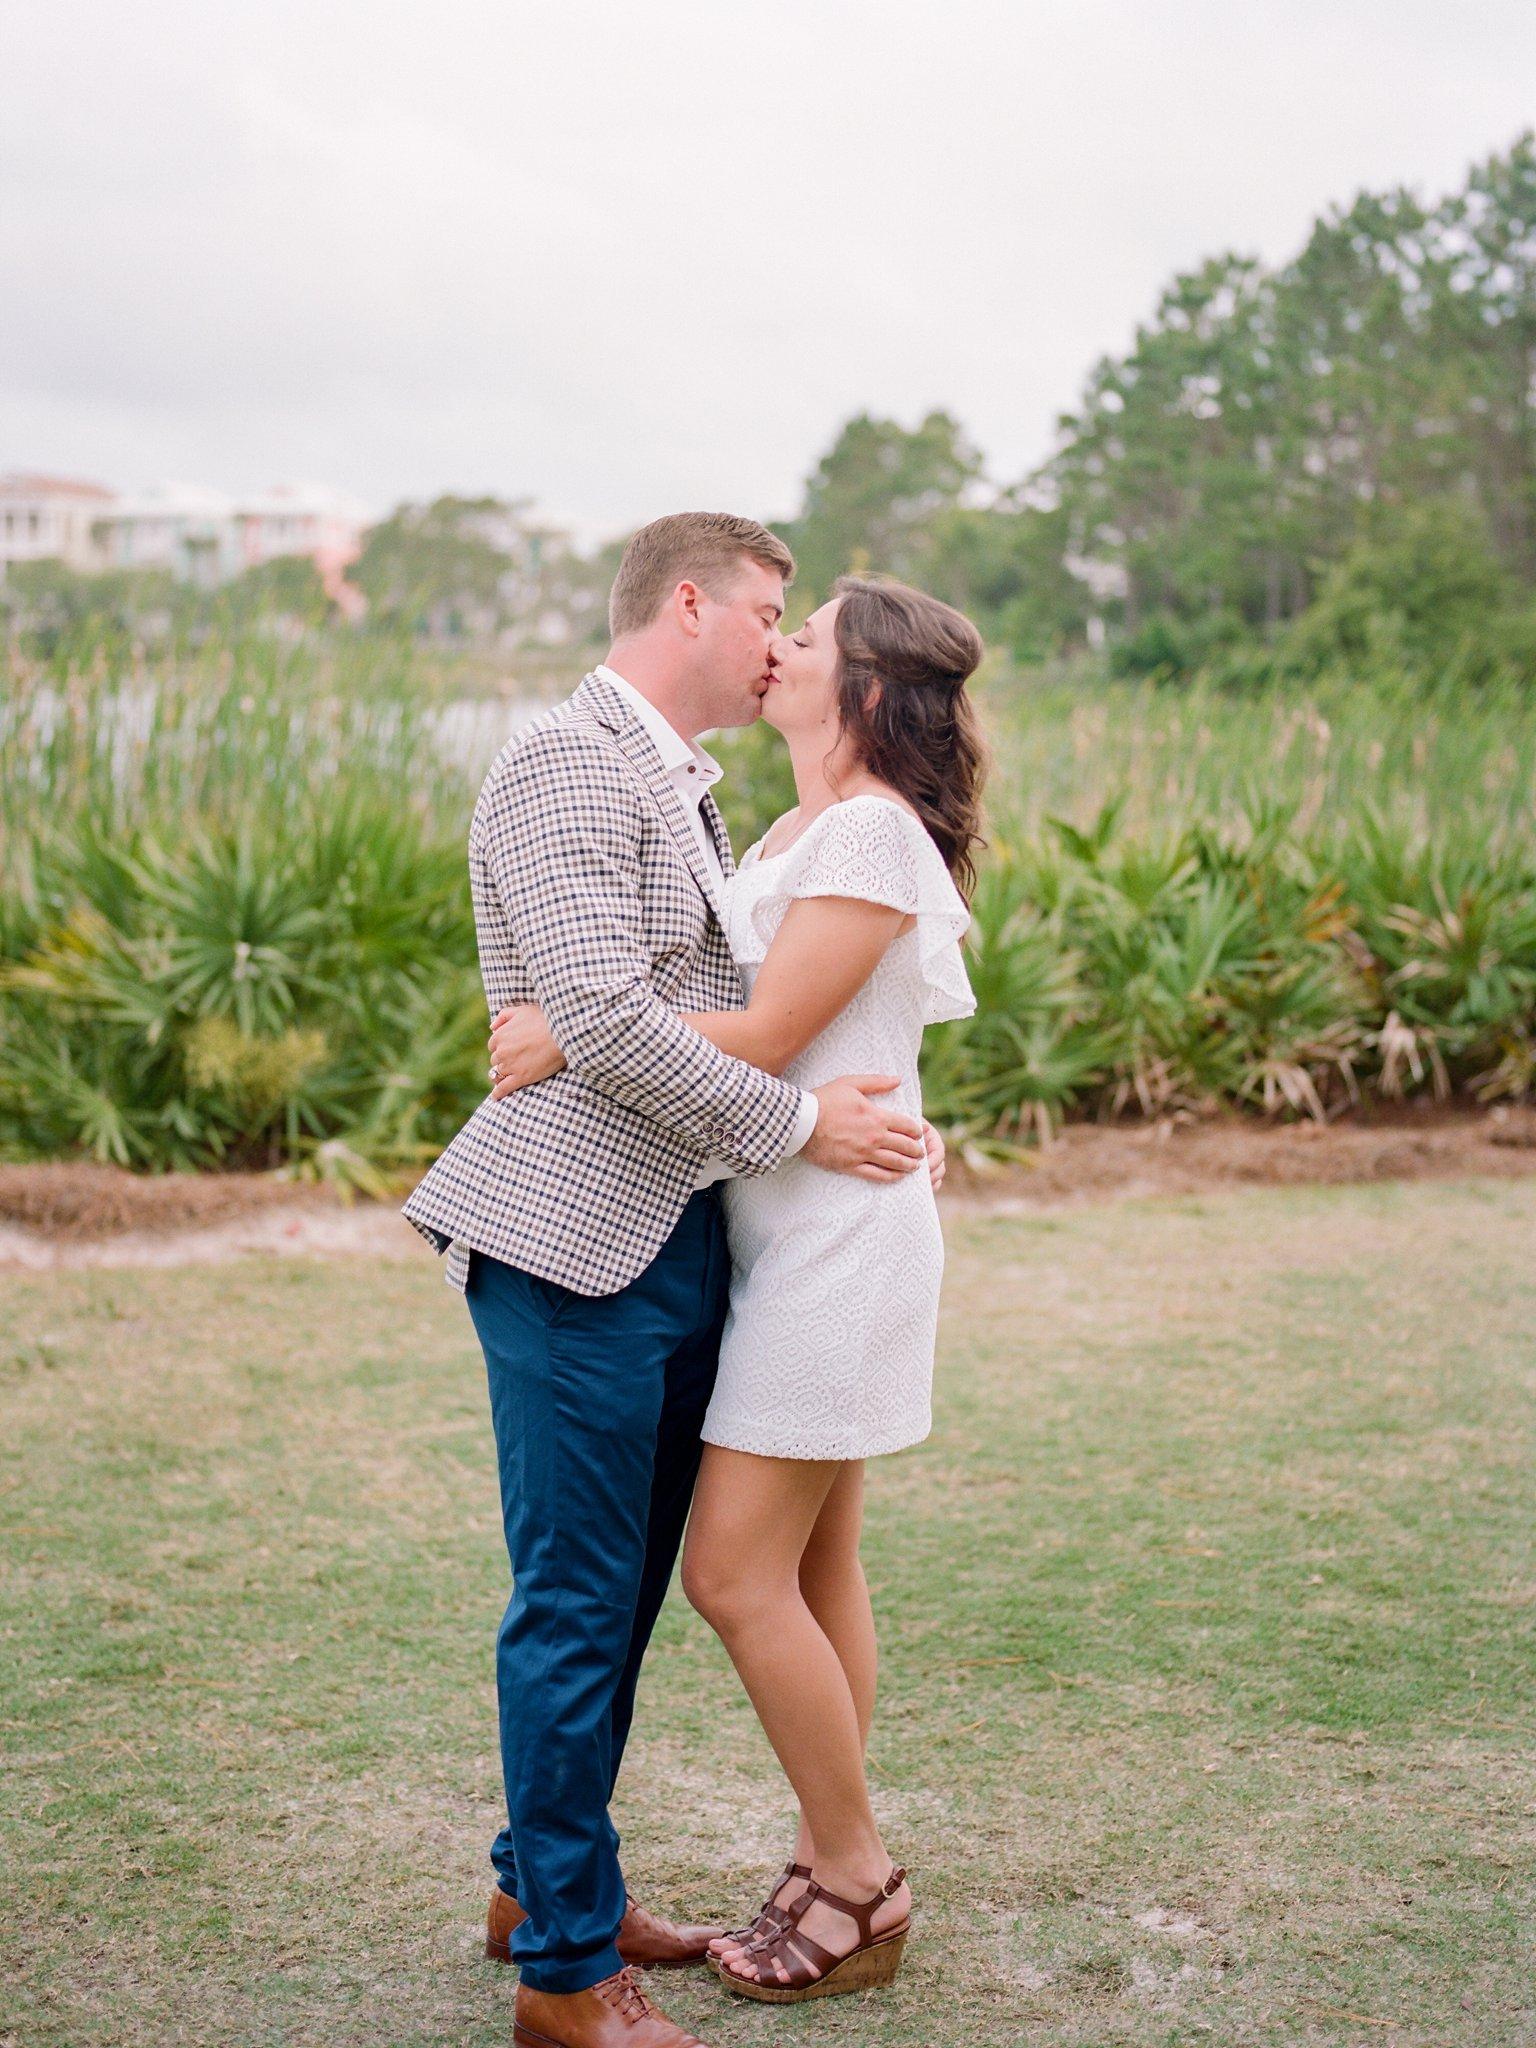 carillon beach wedding photographer shannon griffin photographer_0086.jpg